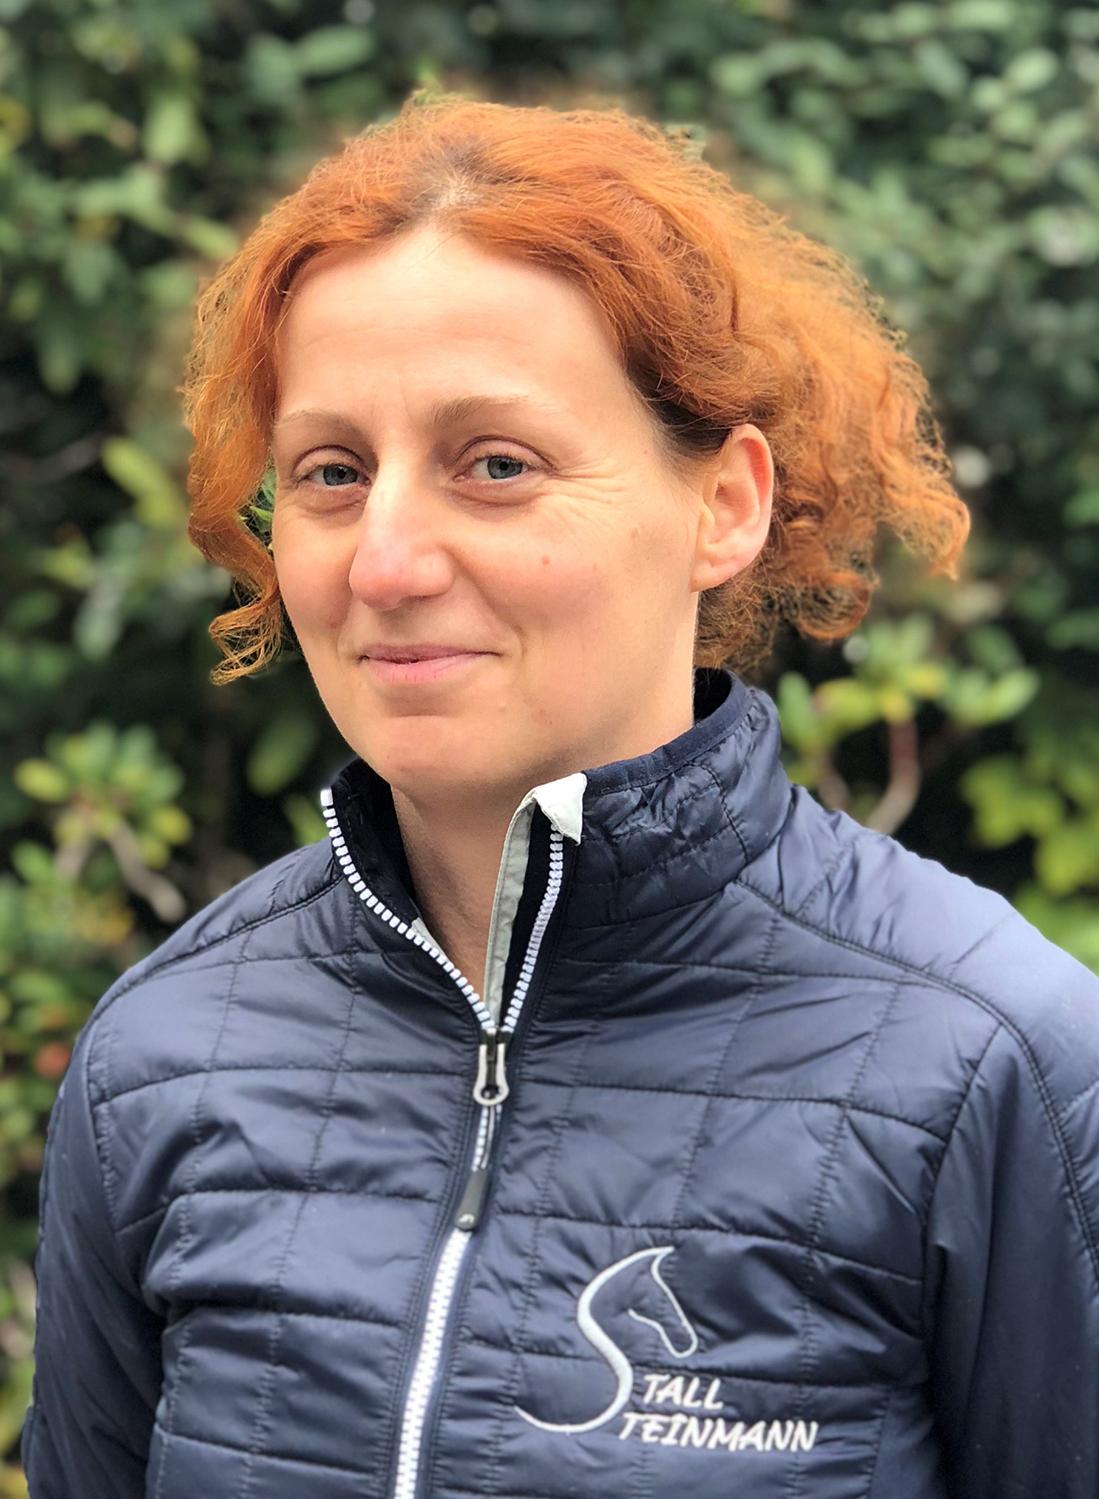 Daria Kiecon